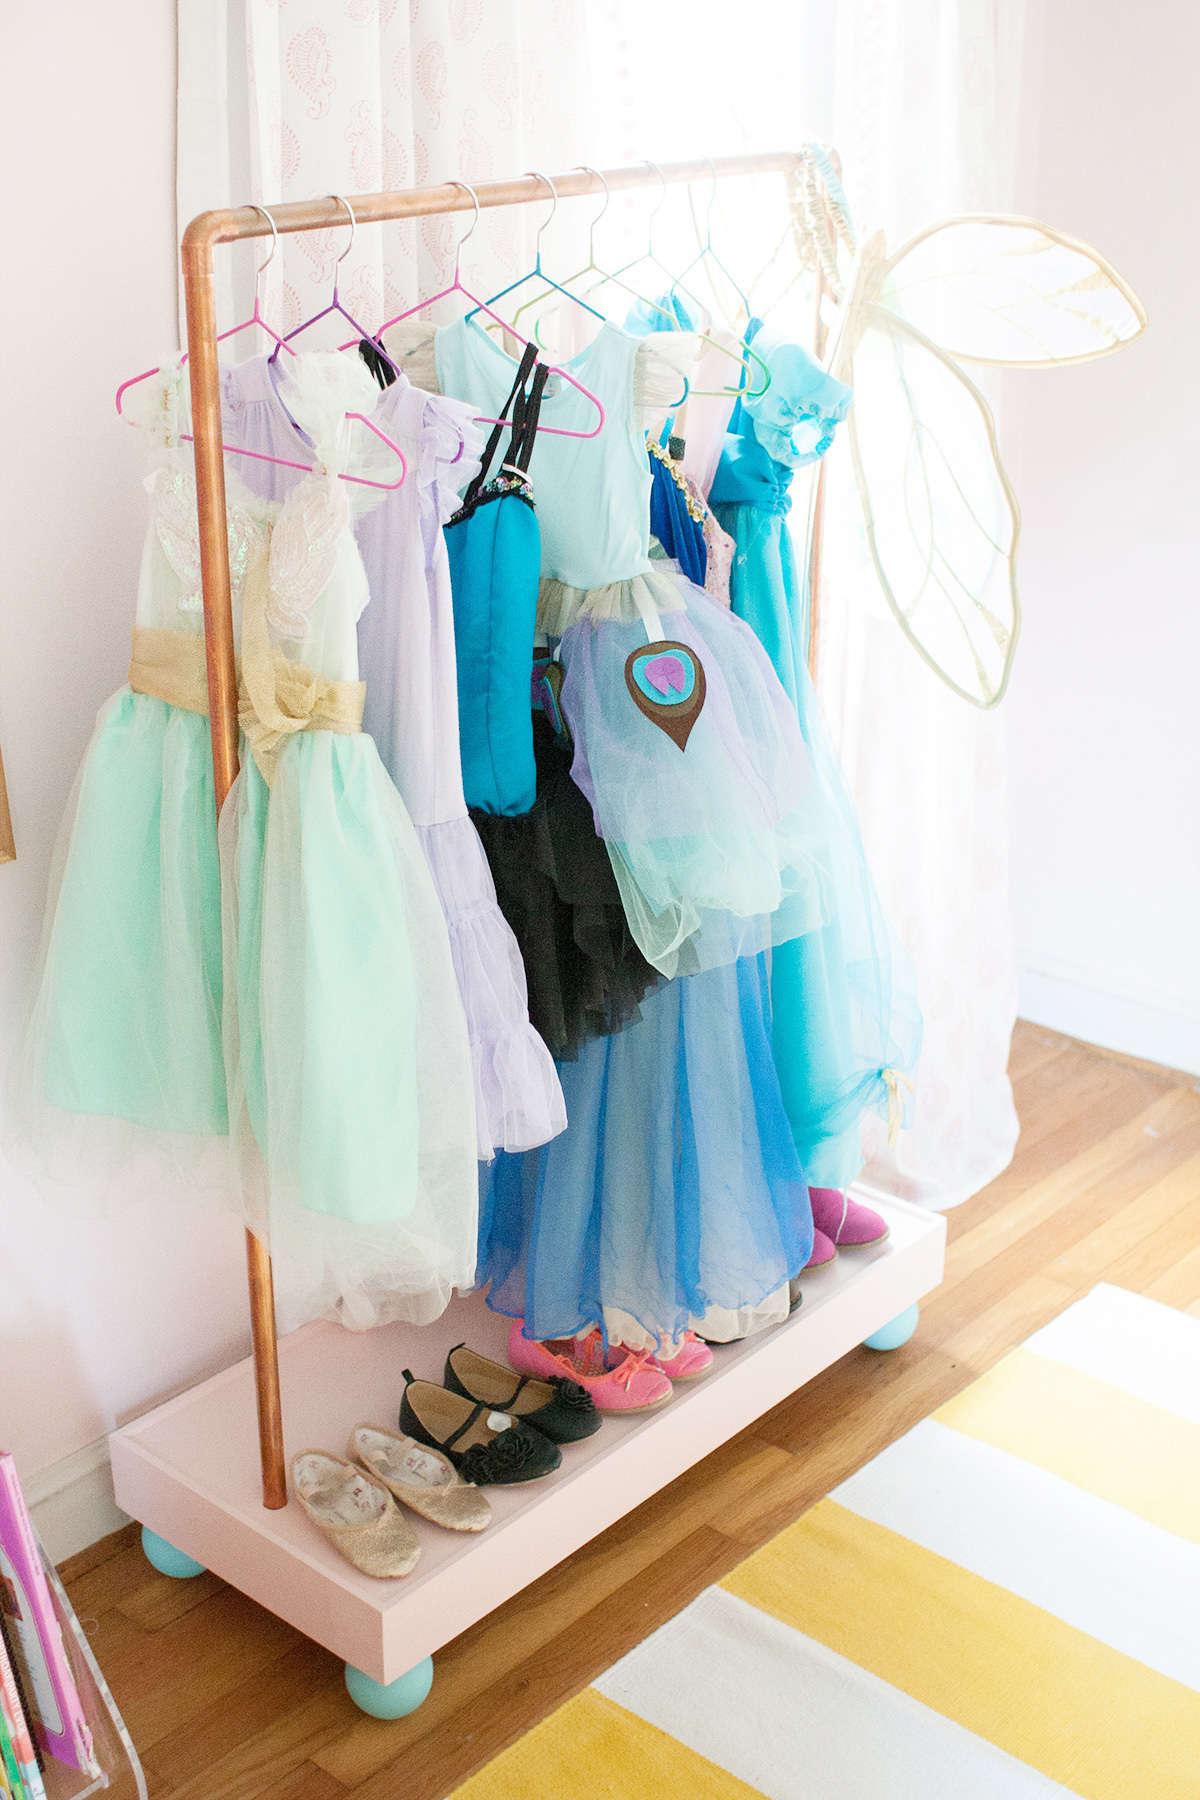 dIy clothes rack